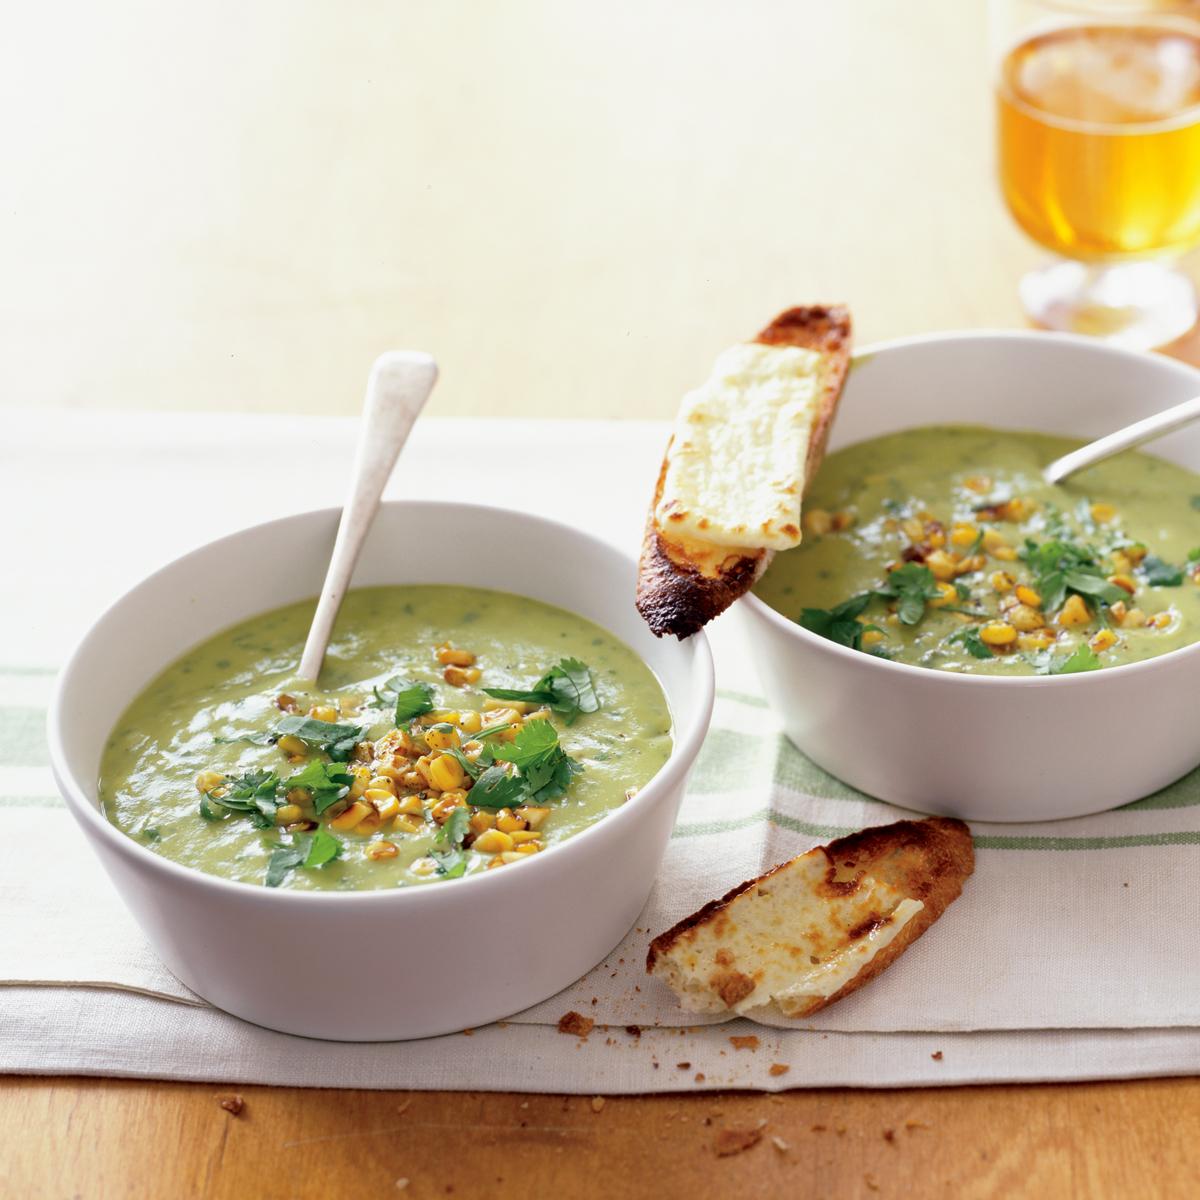 corn avocado soup with cheesy toasts